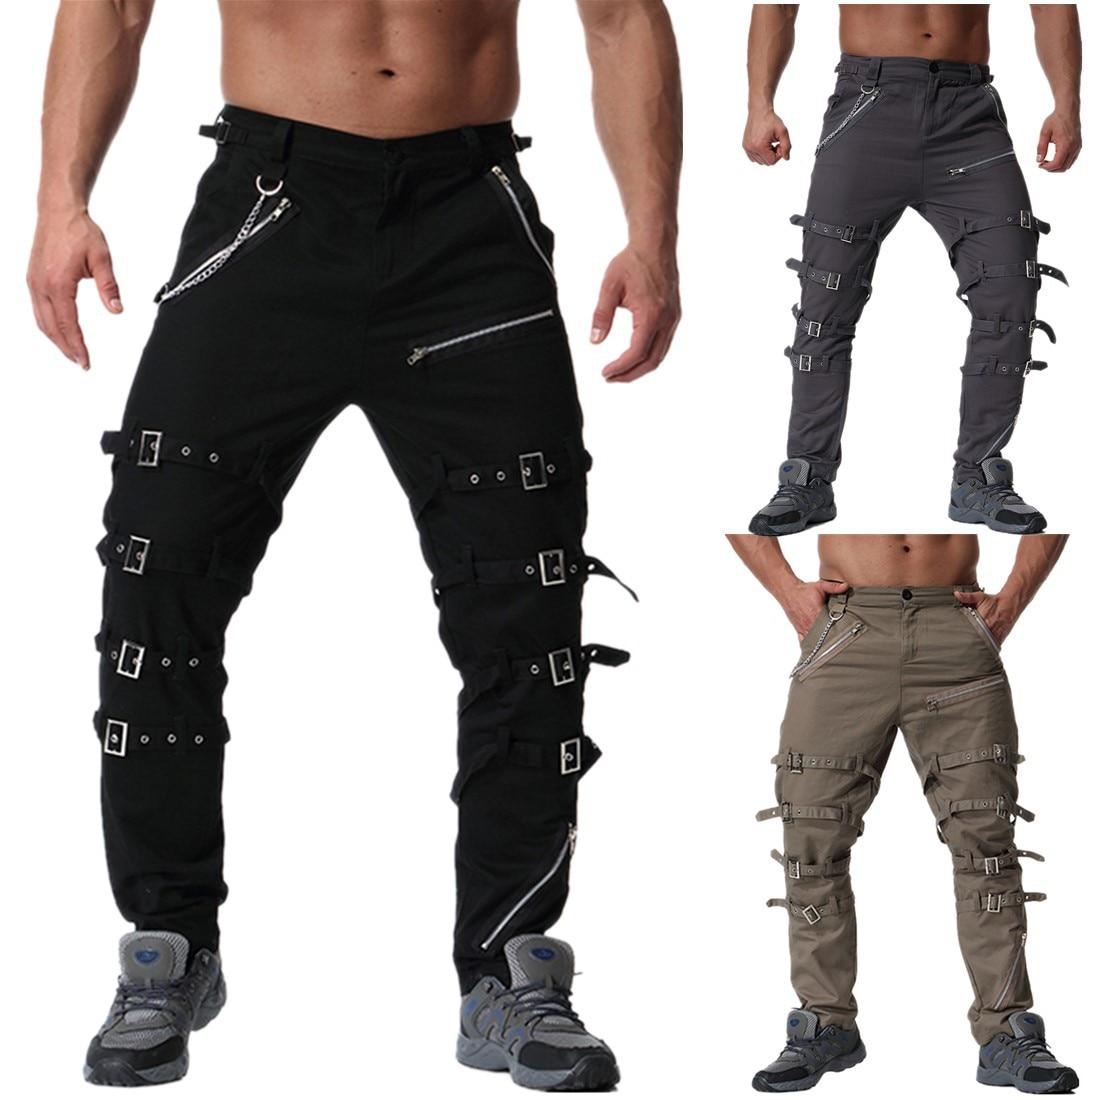 2020 Devil Fashion Punk Men's Detachable Pants Steampunk Gothic Black Scotland Kilt Trousers Man Casual Cotton Pants With Kilt